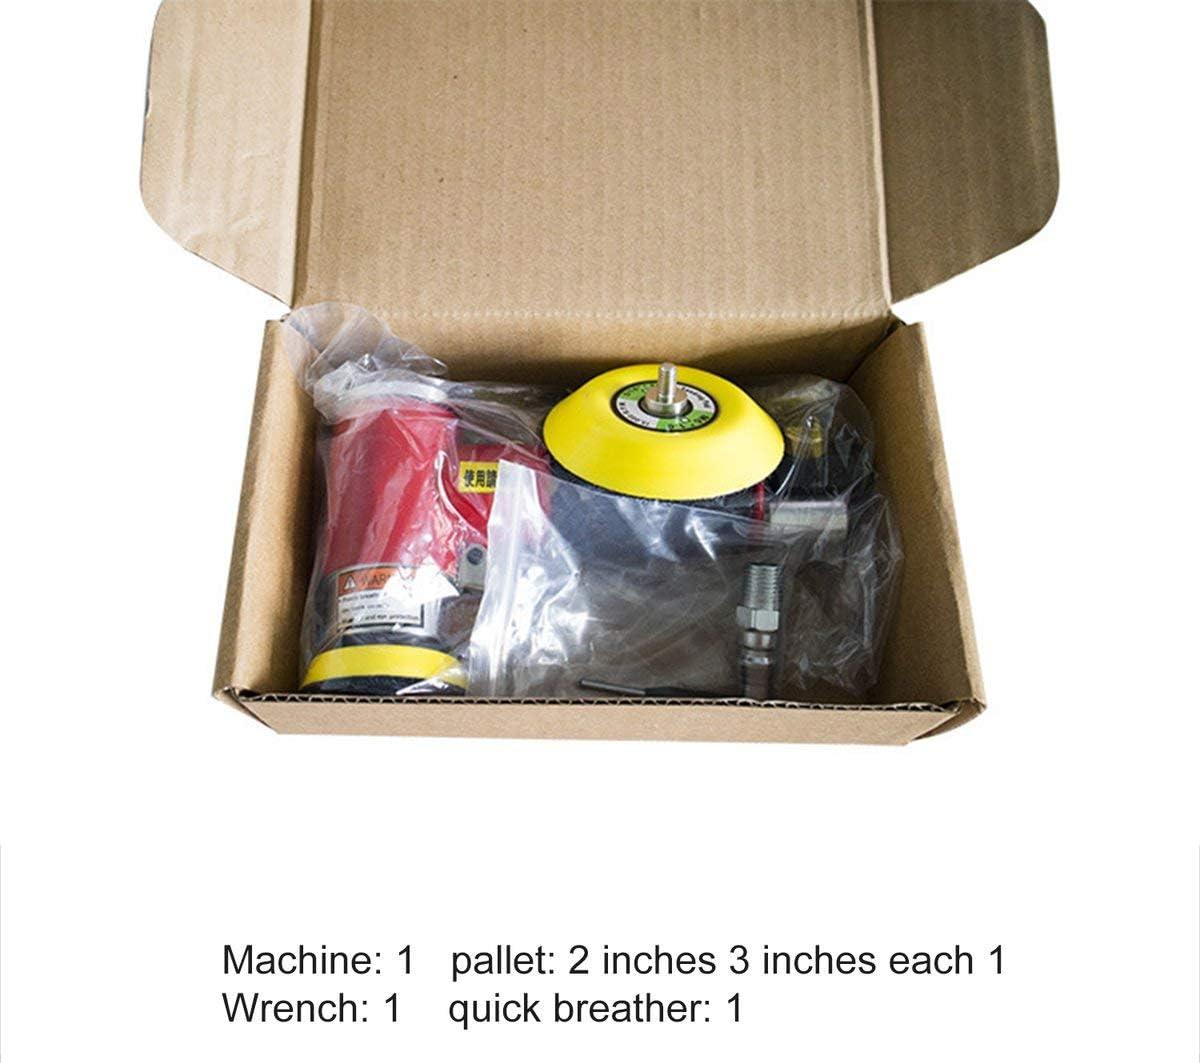 Cosye Mini Exzentrischer Luftwinkelschleifer Schleifer Polierer Elezentrische pneumatische Polierschleifmaschine mit 2 Zoll 3 Zoll Schleifkissen